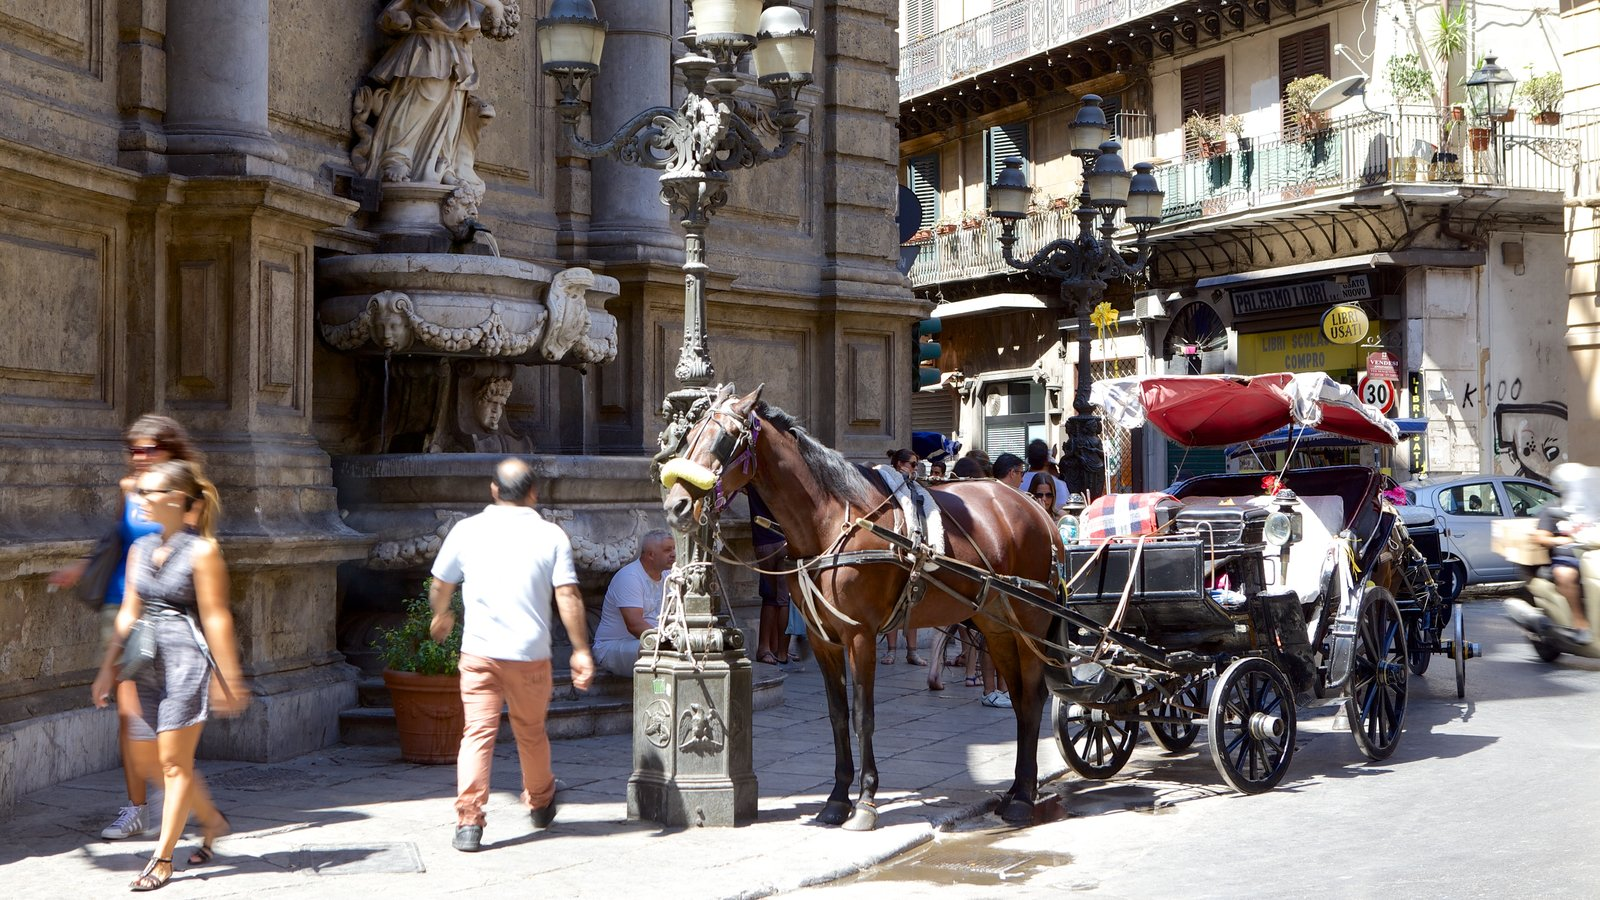 Via Maqueda que inclui cenas de rua, elementos de patrimônio e animais terrestres